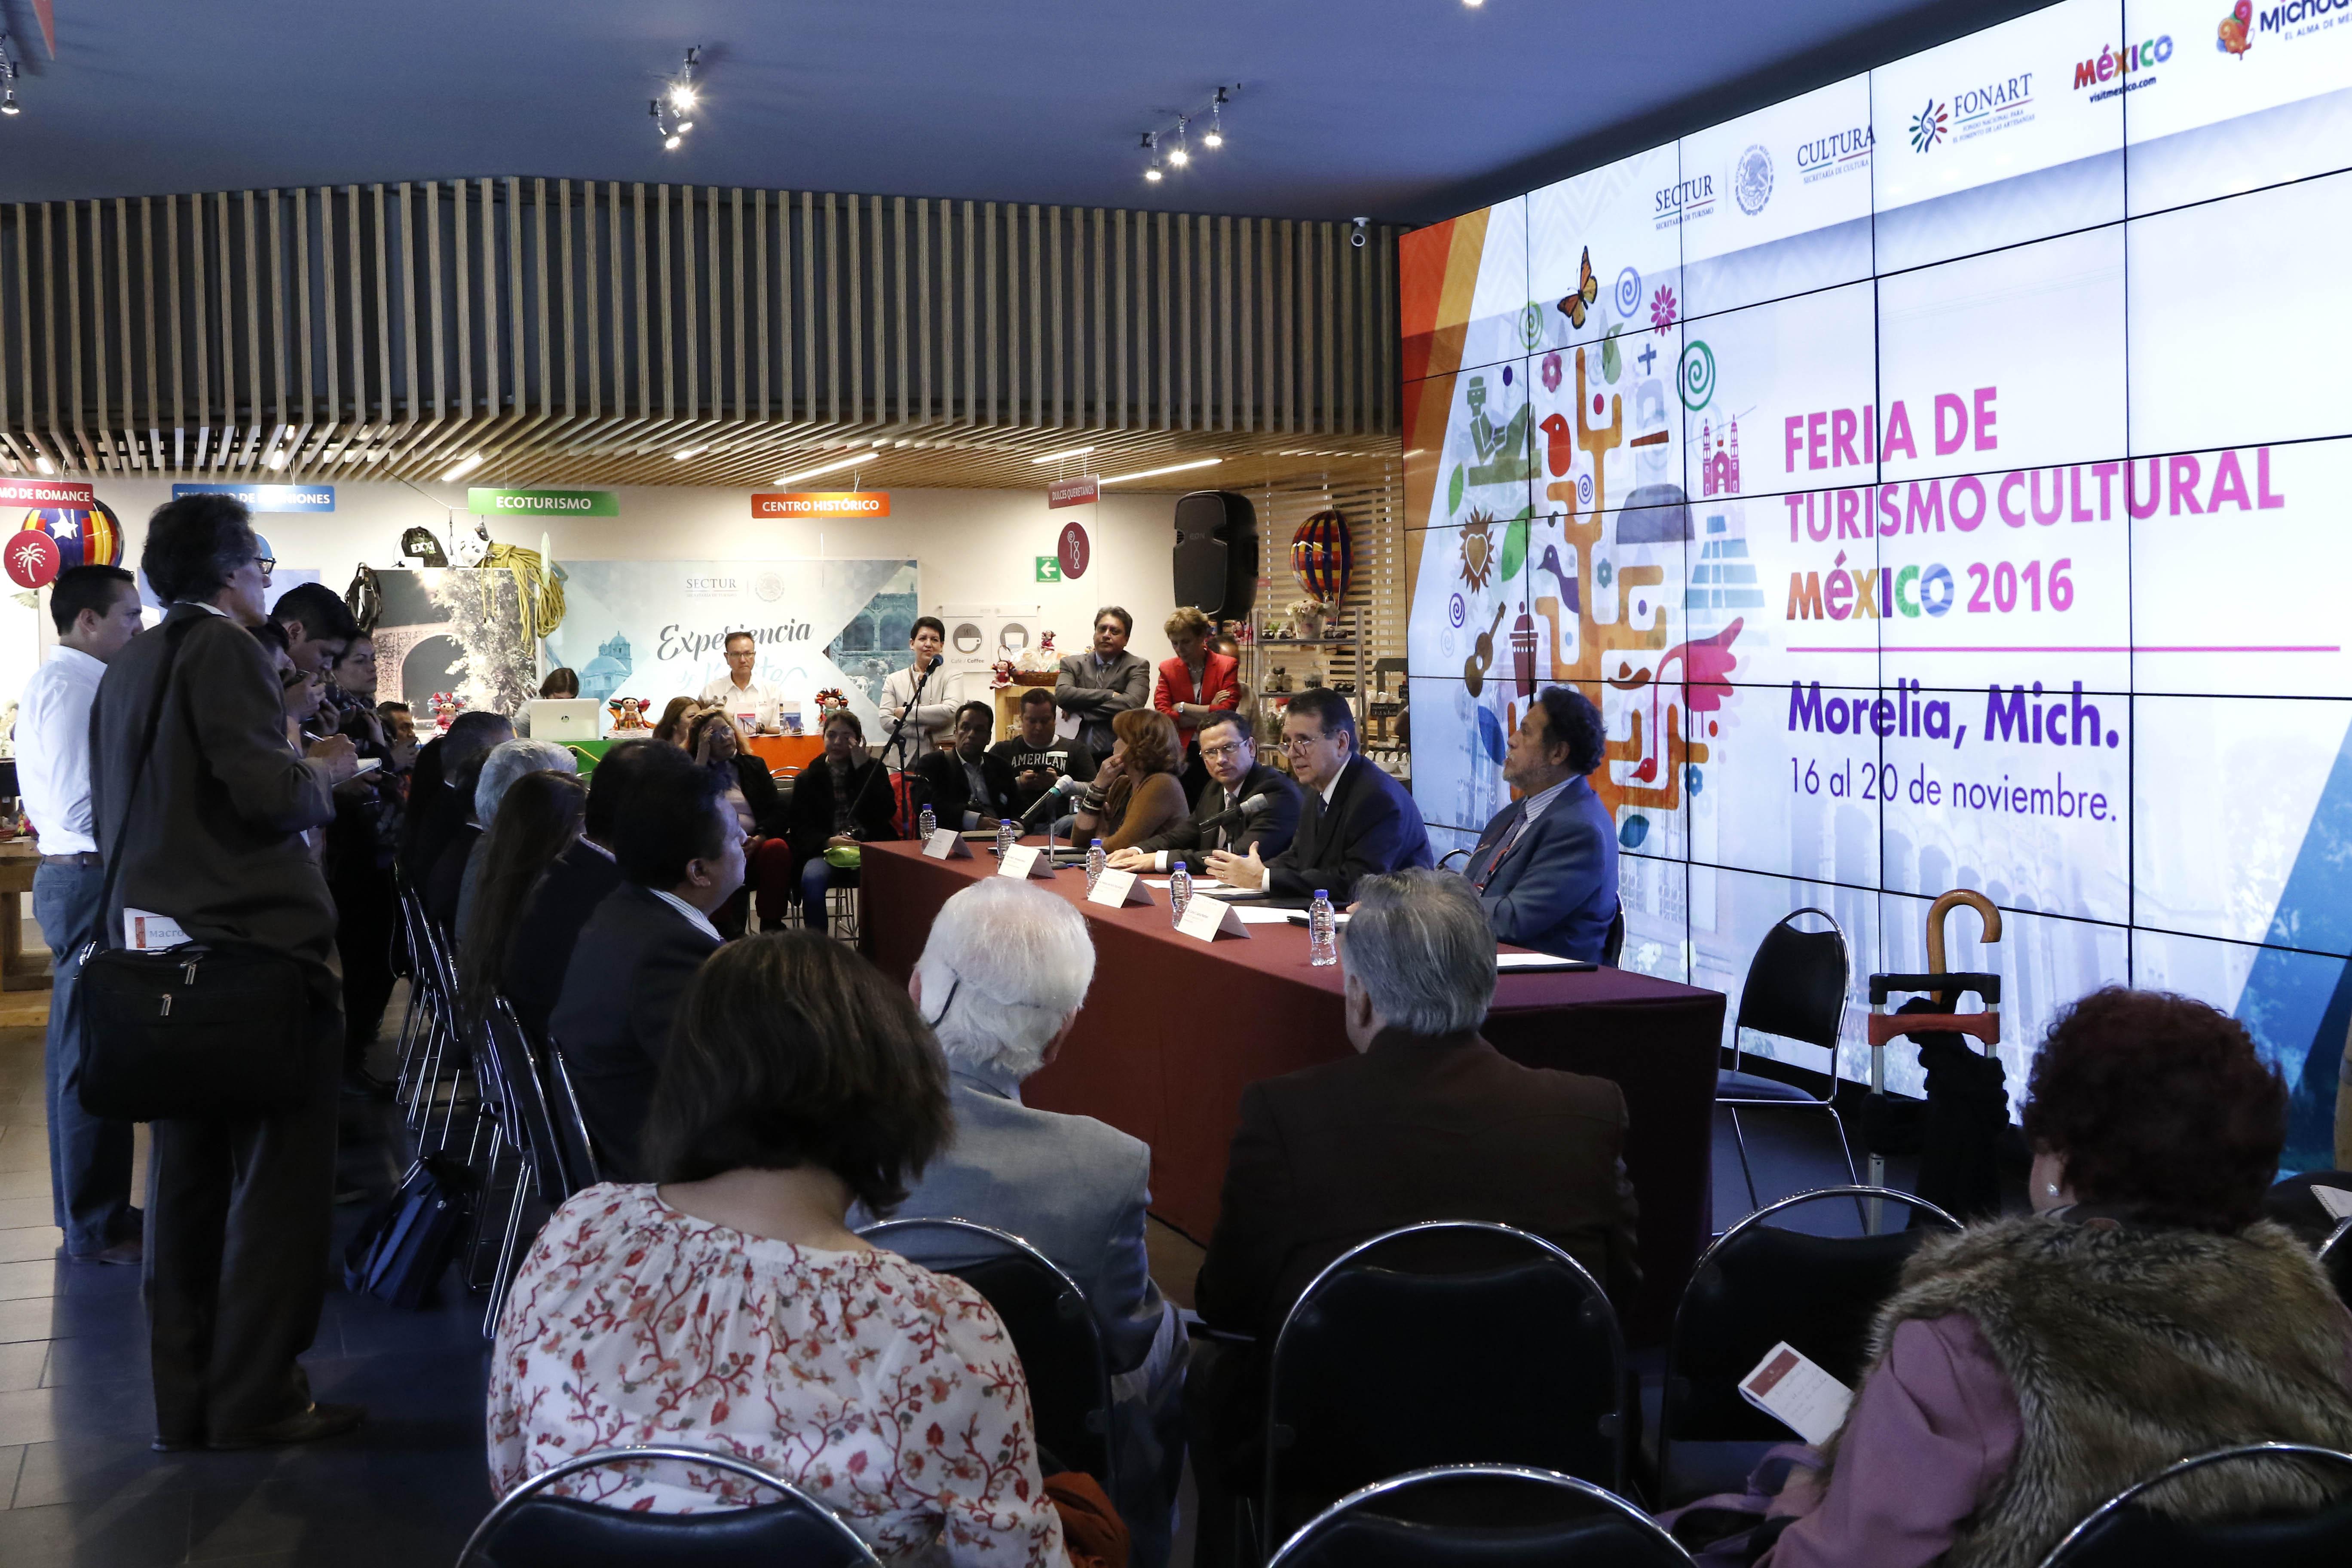 Realización de Séptima Feria de Turismo Cutural consolidará oferta de México: Sectur